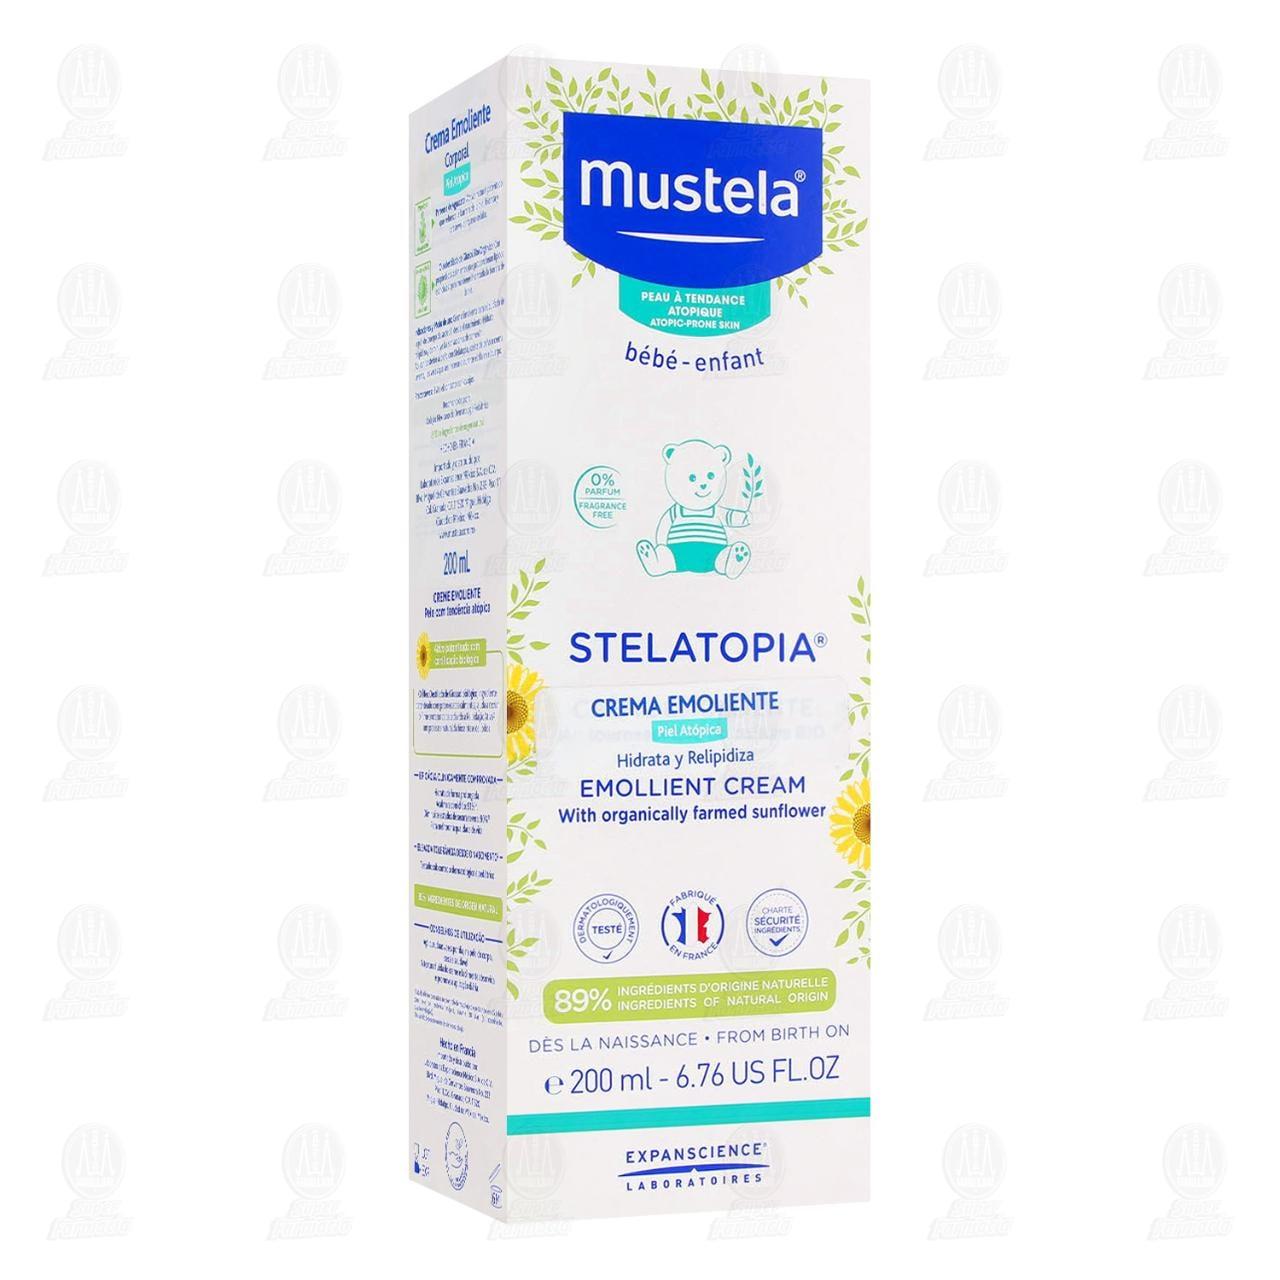 Comprar Crema Emoliente Mustela Stelatopia Hidrata y Relipidiza, 200 ml. en Farmacias Guadalajara